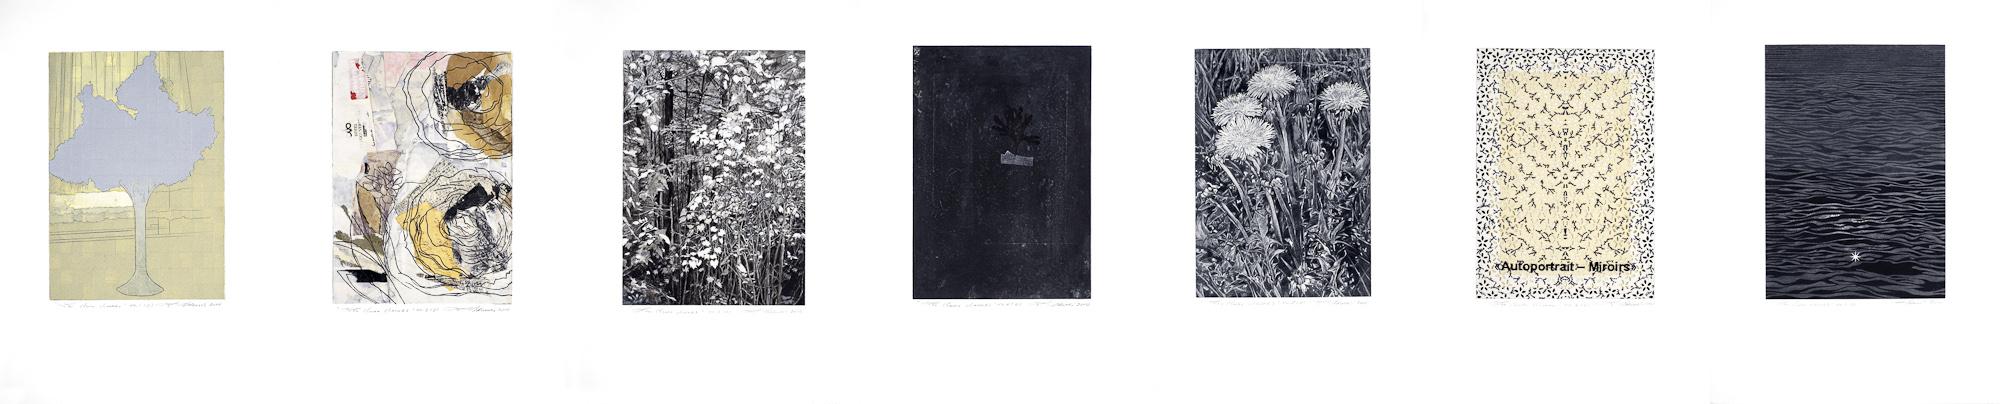 Les clairs-obscurs (série D), 2010 - 2012. Techniques mixtes sur papier fort, 42,5 x 210 cm.